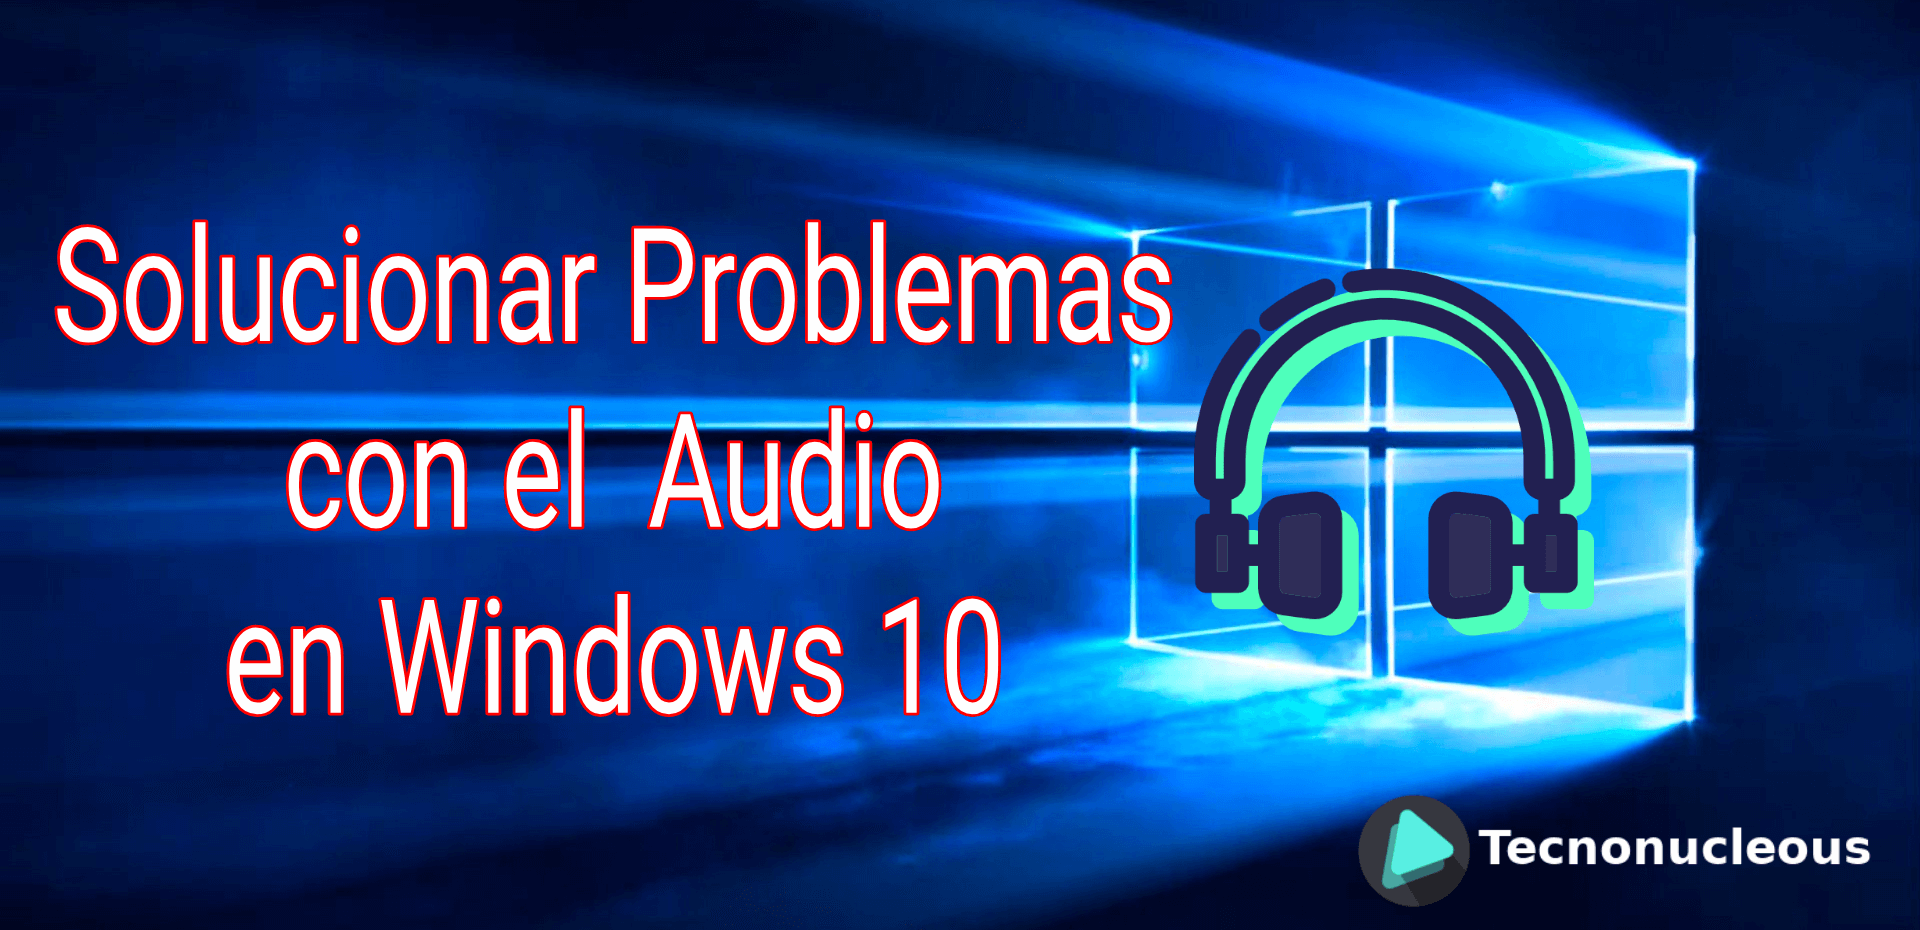 ¿Cómo arreglar los problemas de audio en Windows 10?